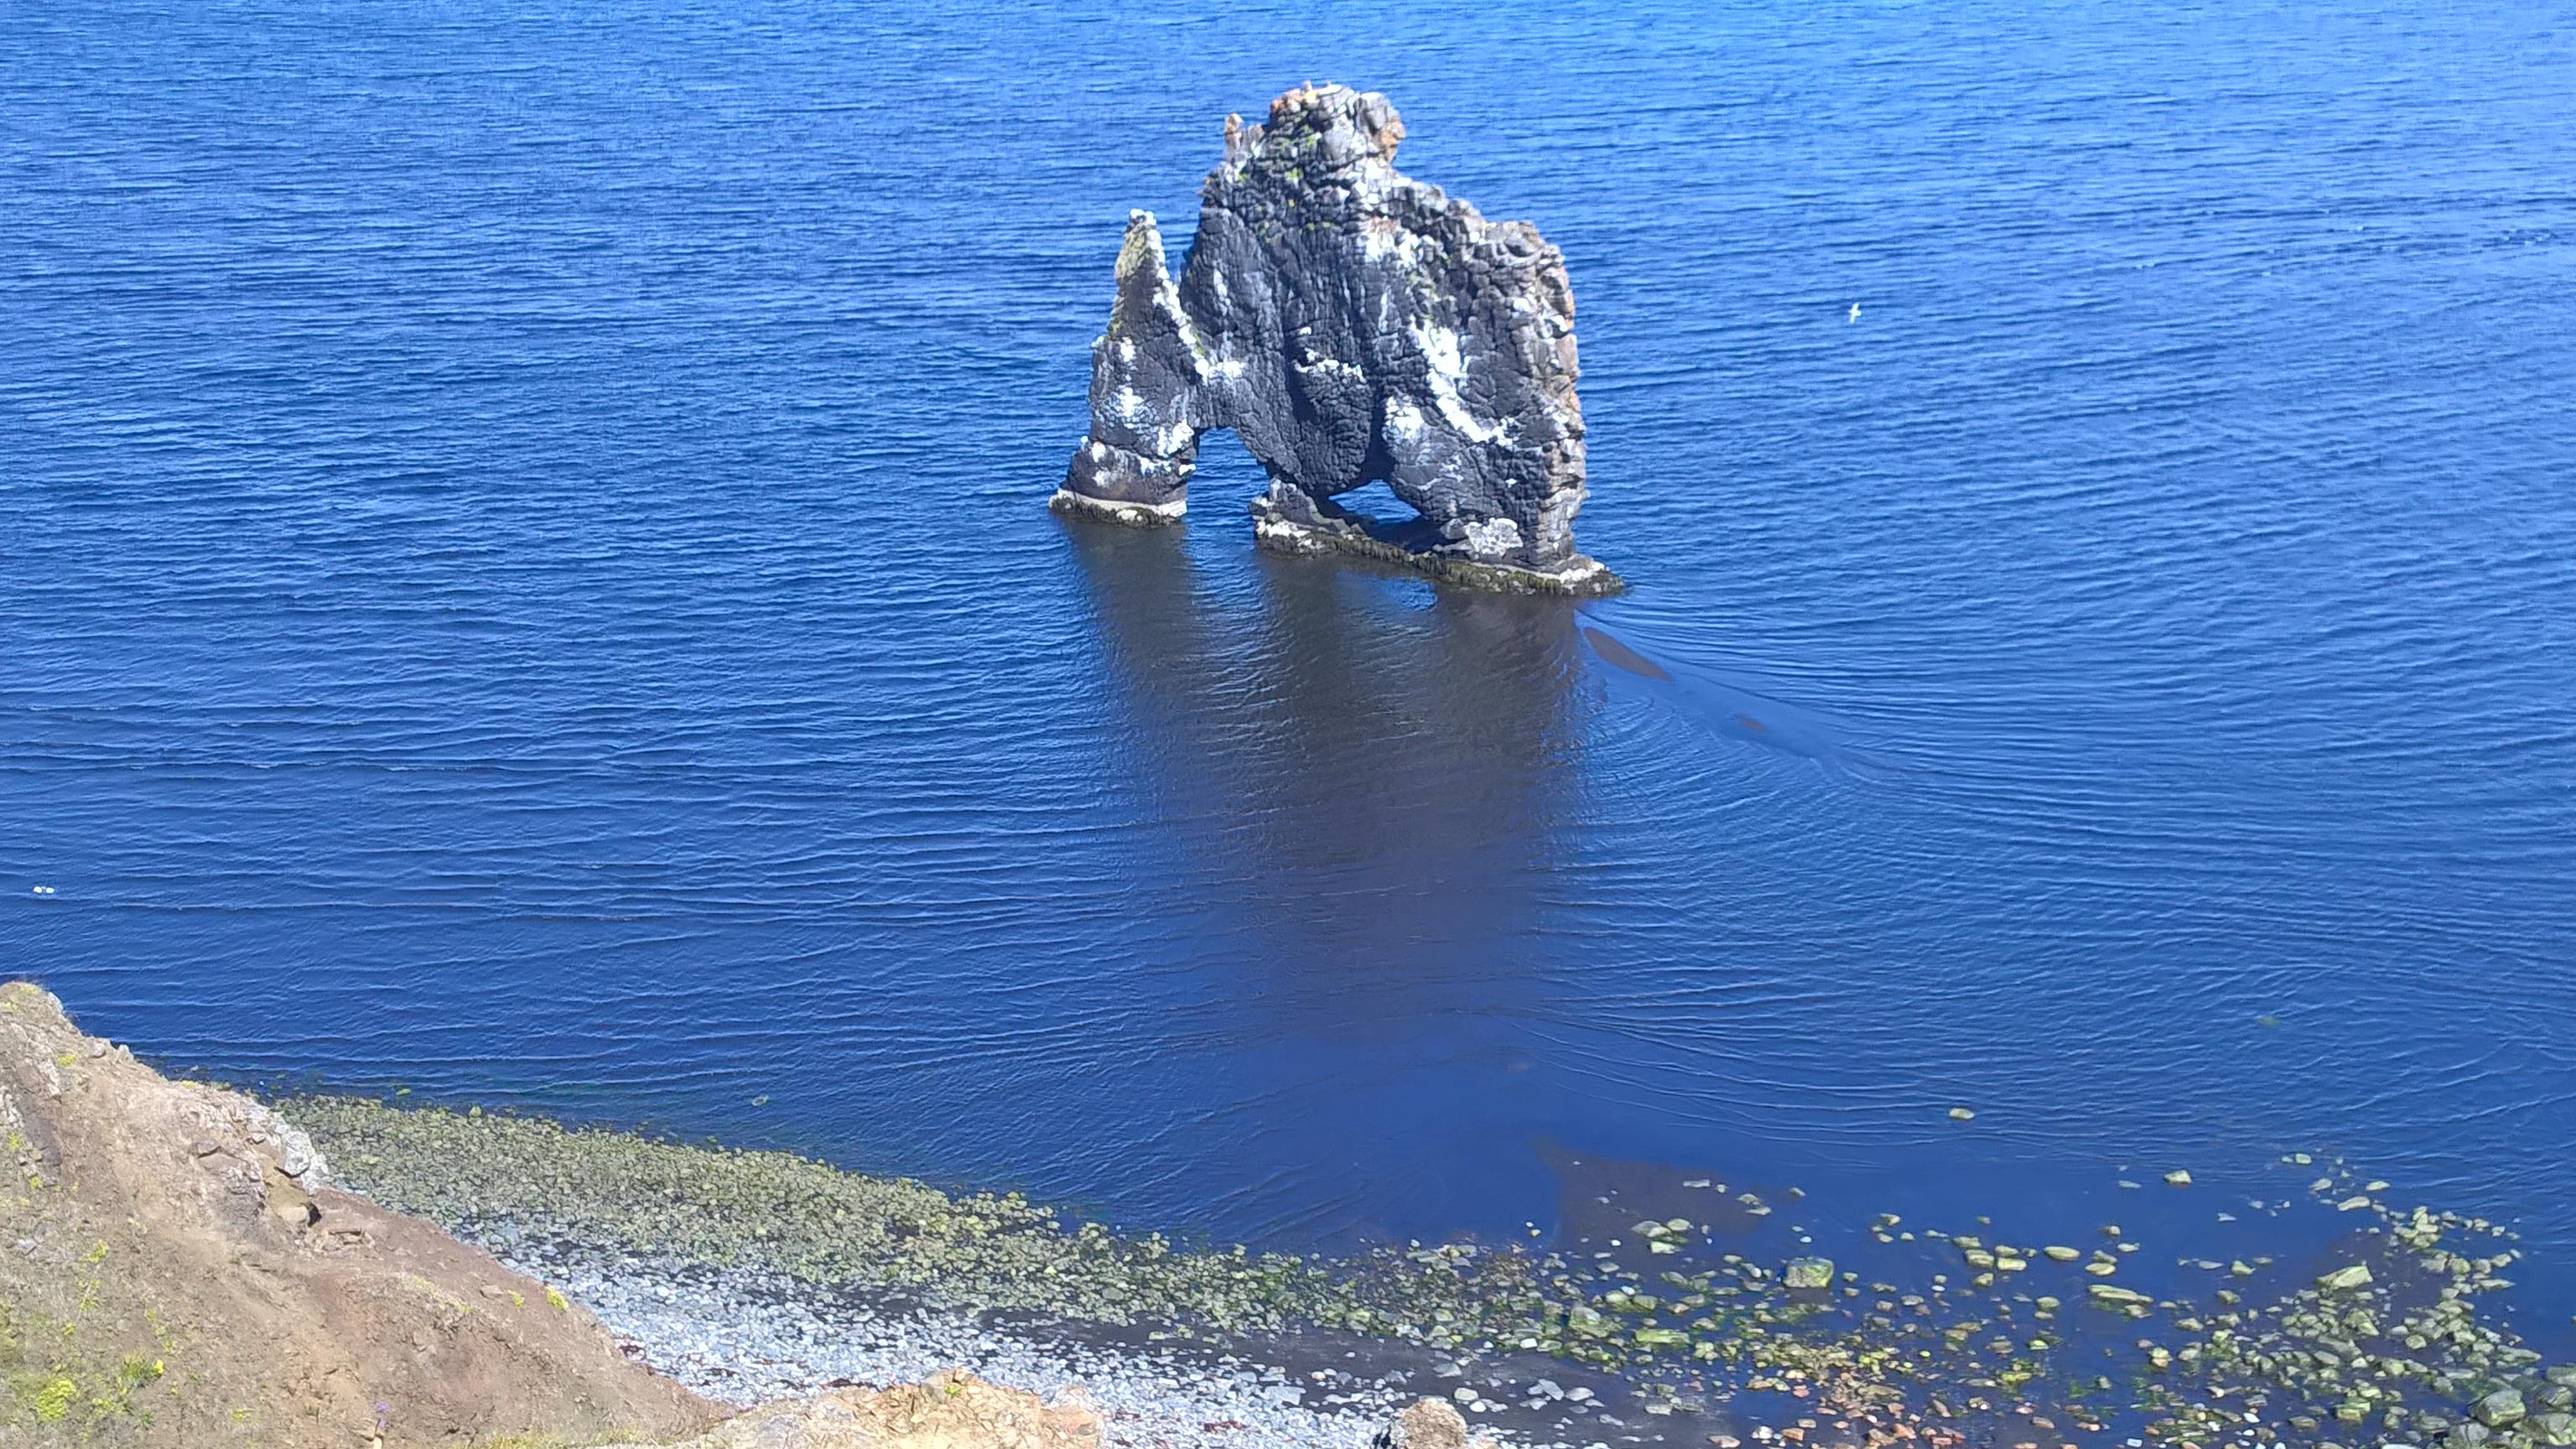 北アイスランドのトロールと呼ばれるクヴィートセルクールの奇岩